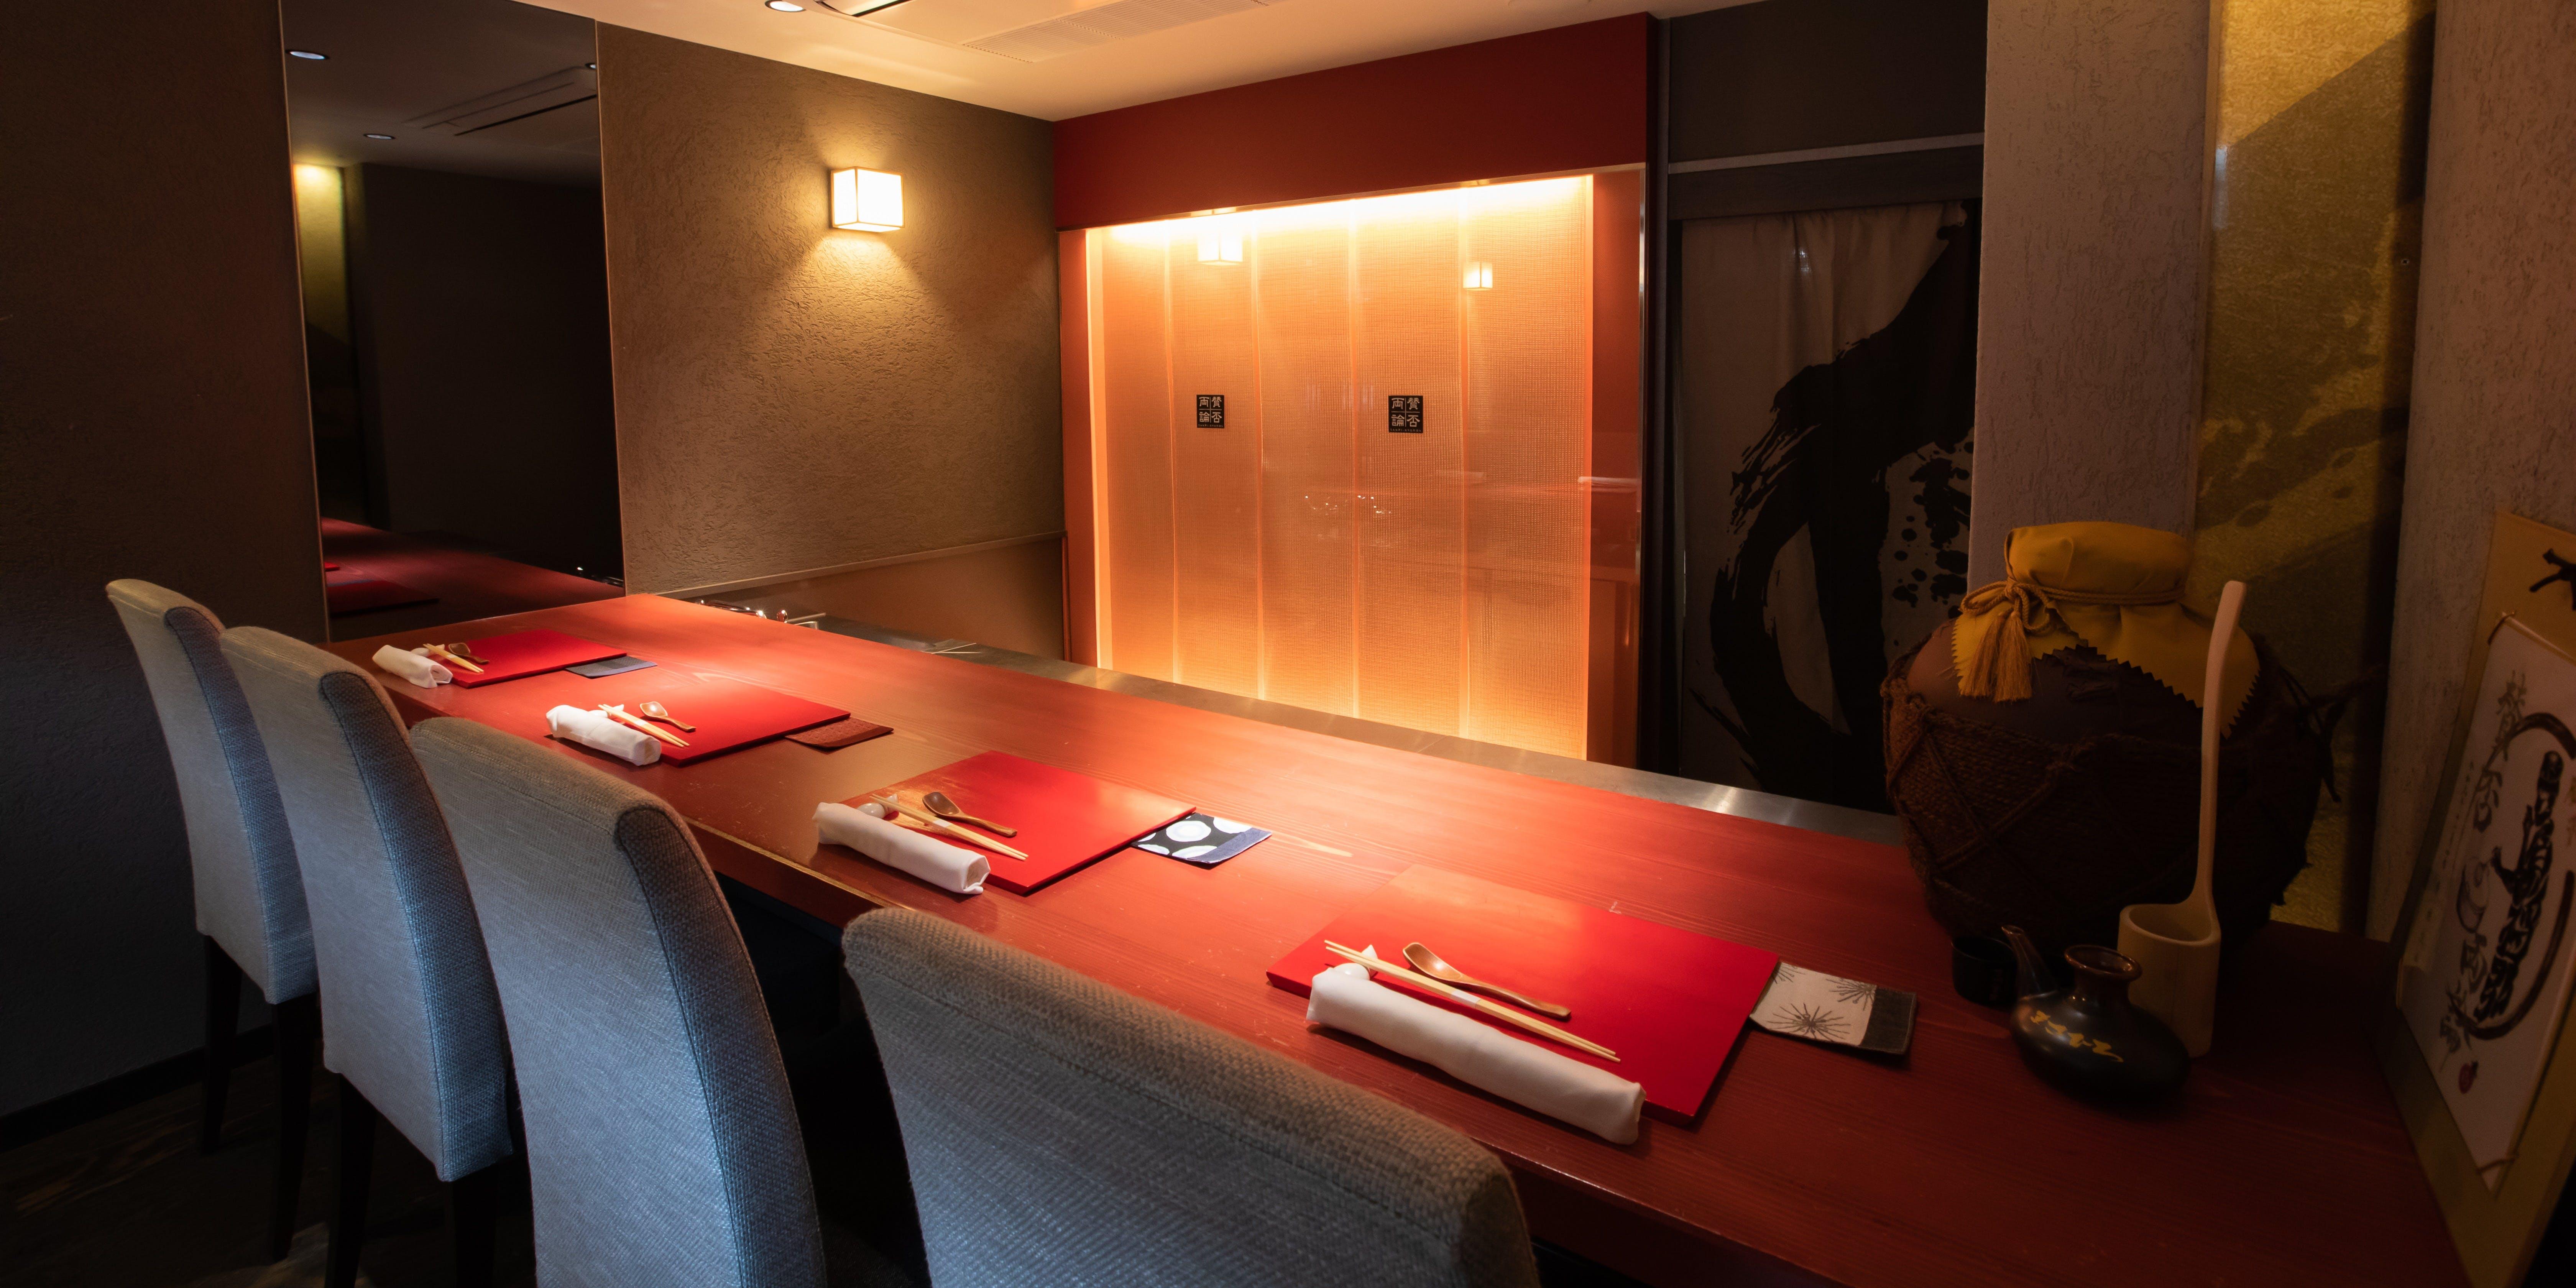 記念日におすすめのレストラン・賛否両論 金沢の写真1